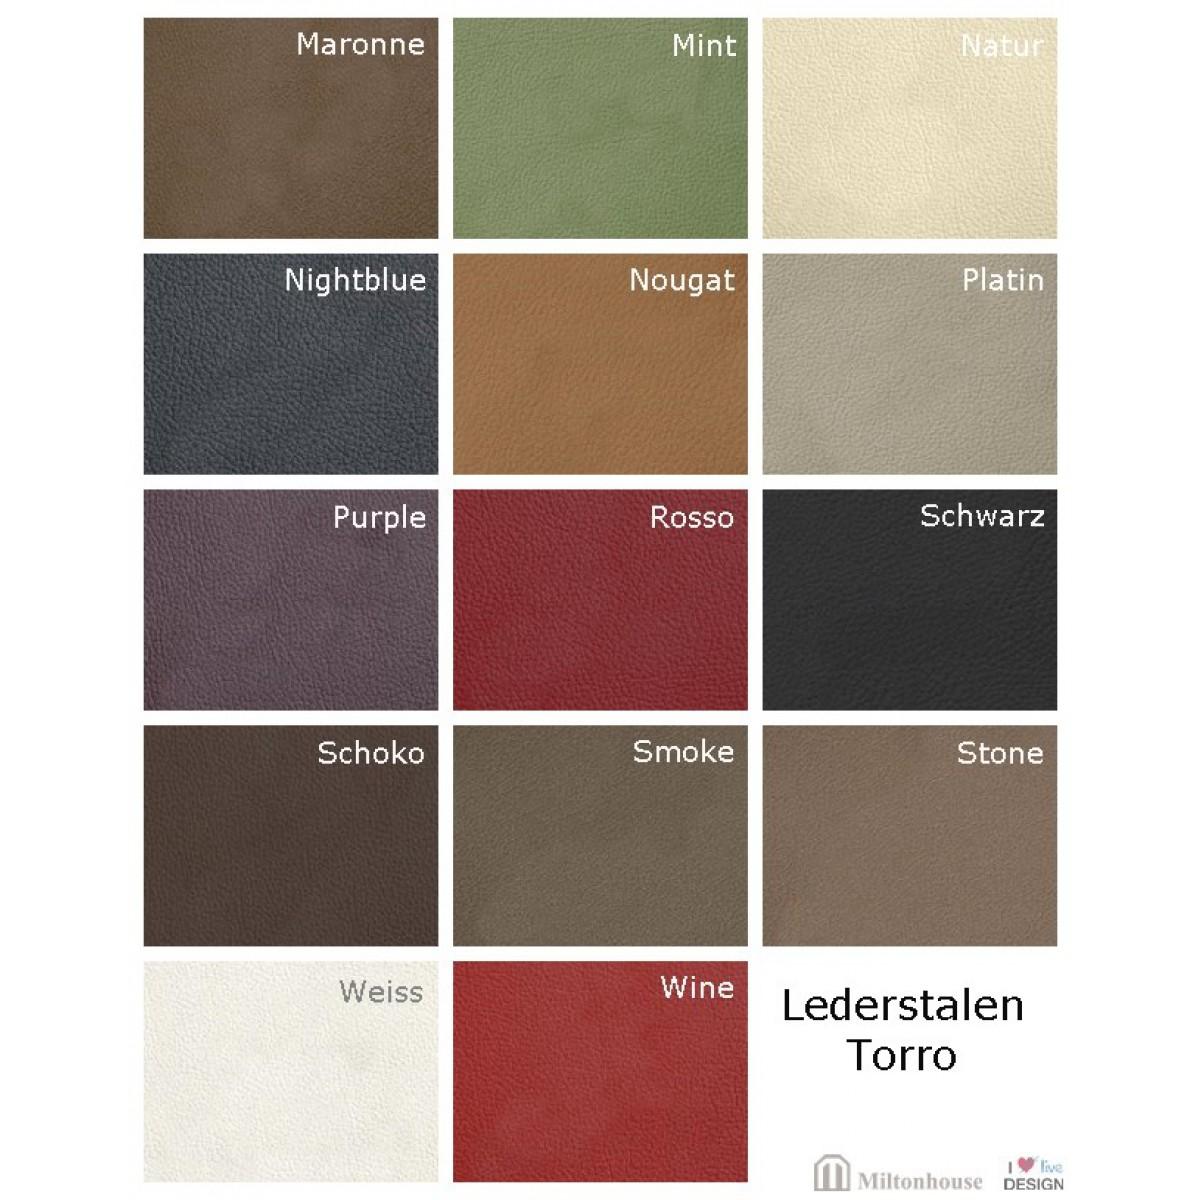 leer-leder-torro-polipol